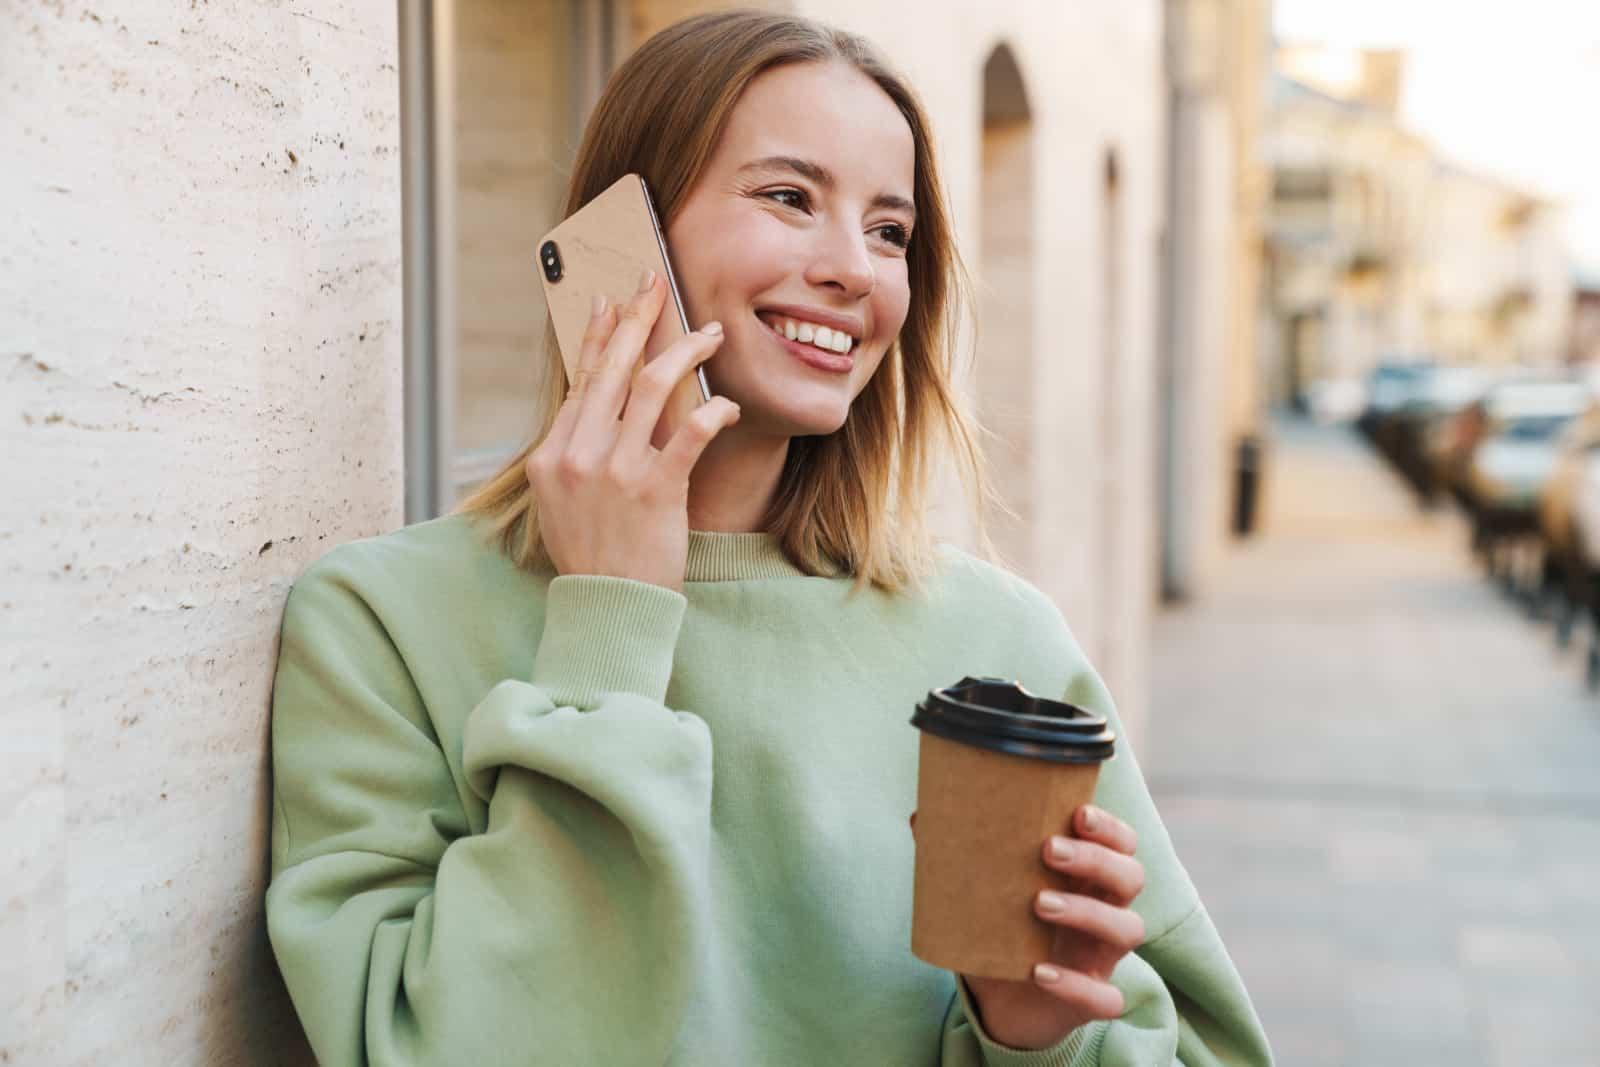 ein lächelndes Mädchen am Telefon